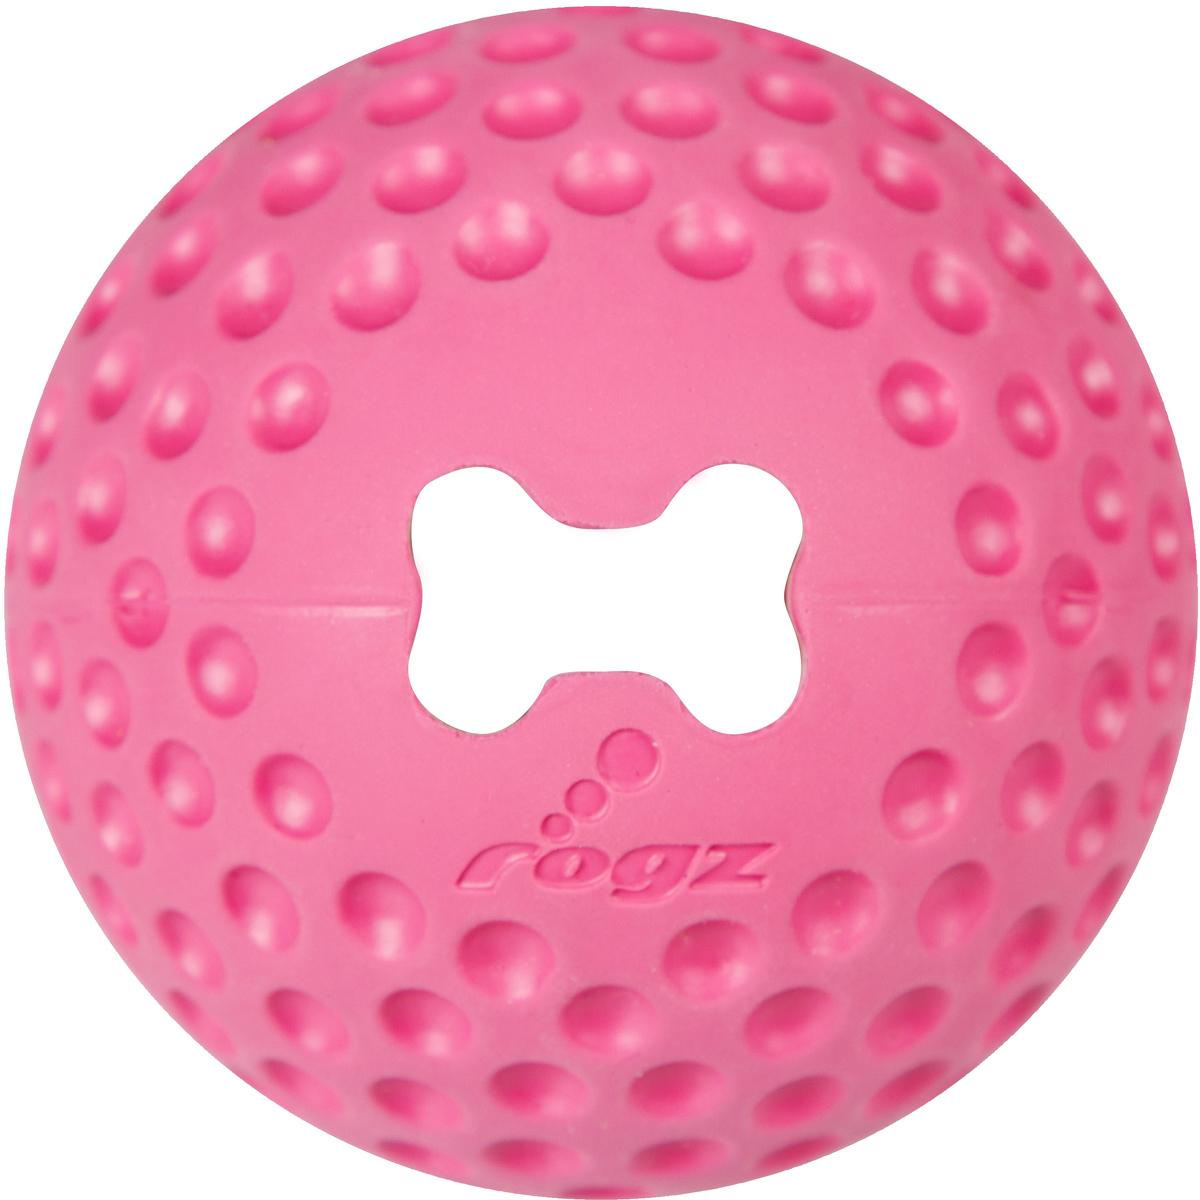 Игрушка для собак Rogz Gumz, с отверстием для лакомства, цвет: розовый, диаметр 6,4 см0120710Игрушка для собак Rogz Gumz тренирует жевательные мышцы и массирует десны собаке. Отлично подходит для дрессировки, так как есть отверстие для лакомства.Отлично подпрыгивает при играх.Занимательная игрушка выдерживает долгое жевание и разгрызание. Материал изделия: 85 % натуральной резины, 15 % синтетической резины. Не токсичен.